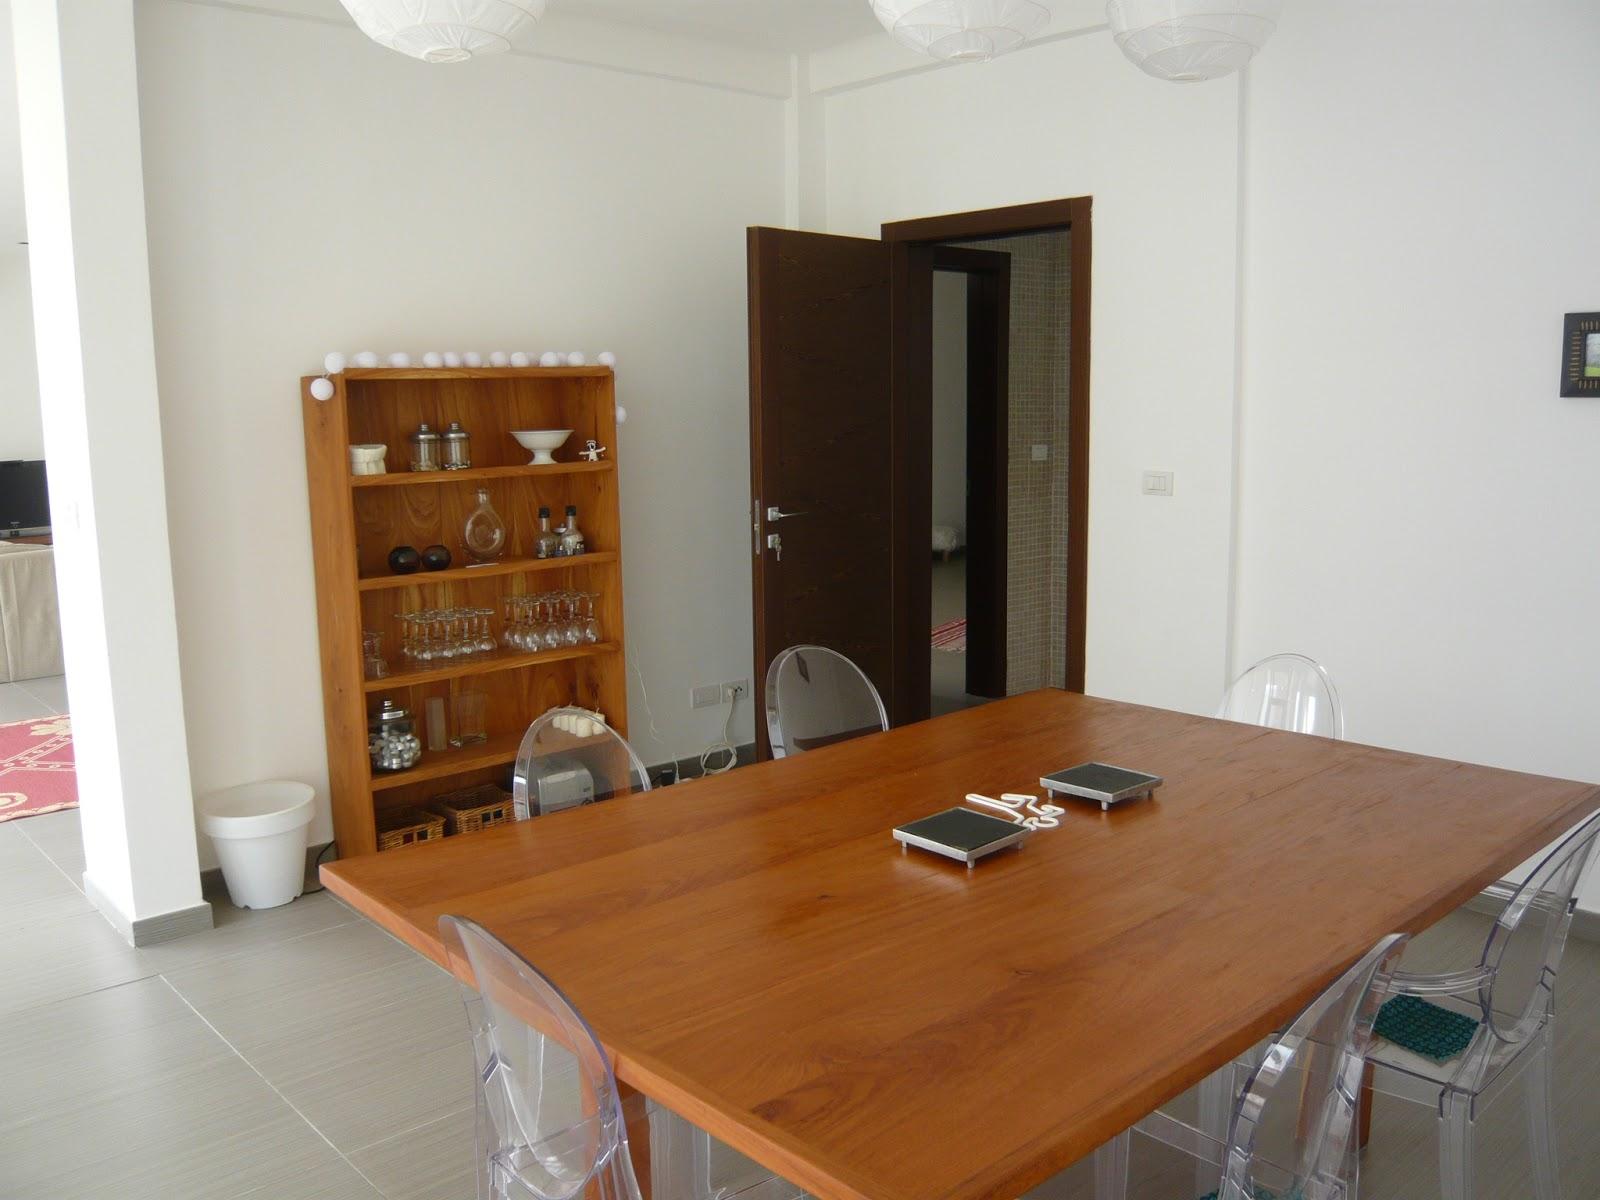 cotonou et nous et nous et nous la maison. Black Bedroom Furniture Sets. Home Design Ideas